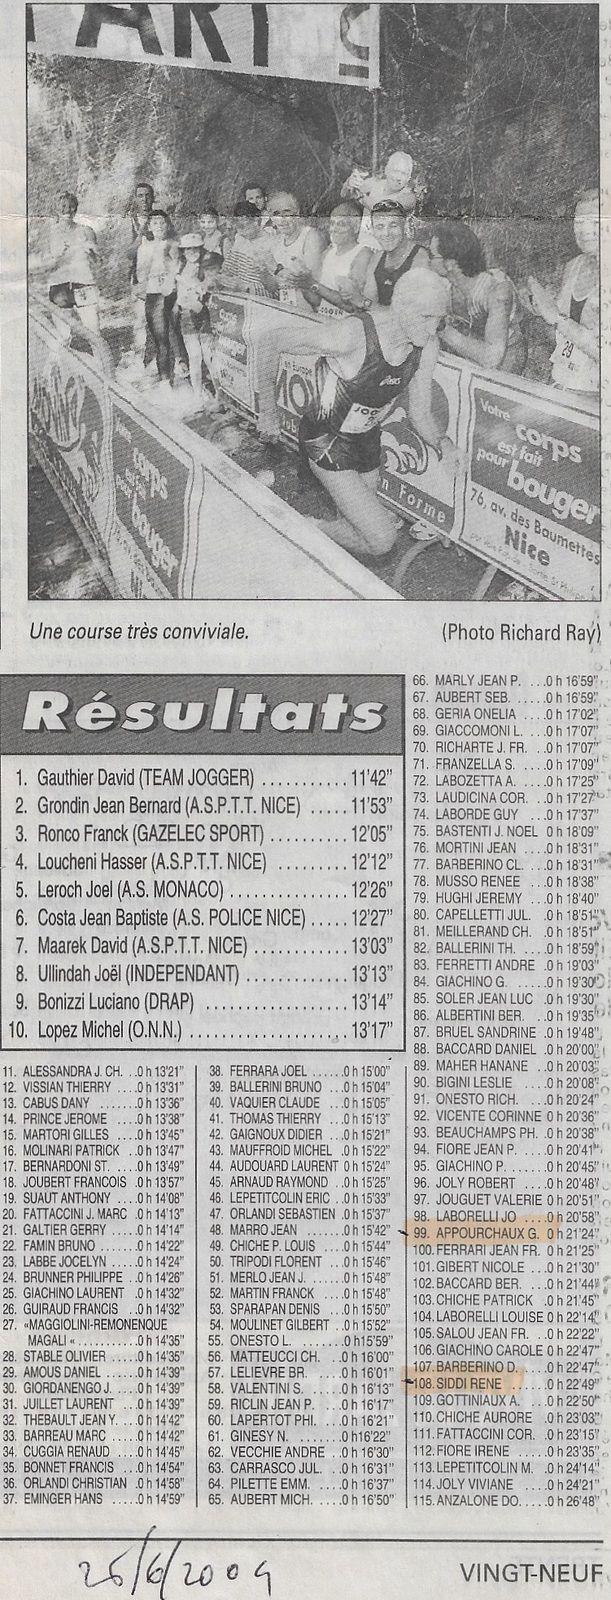 DRAP course sur le canal  26.6.2004